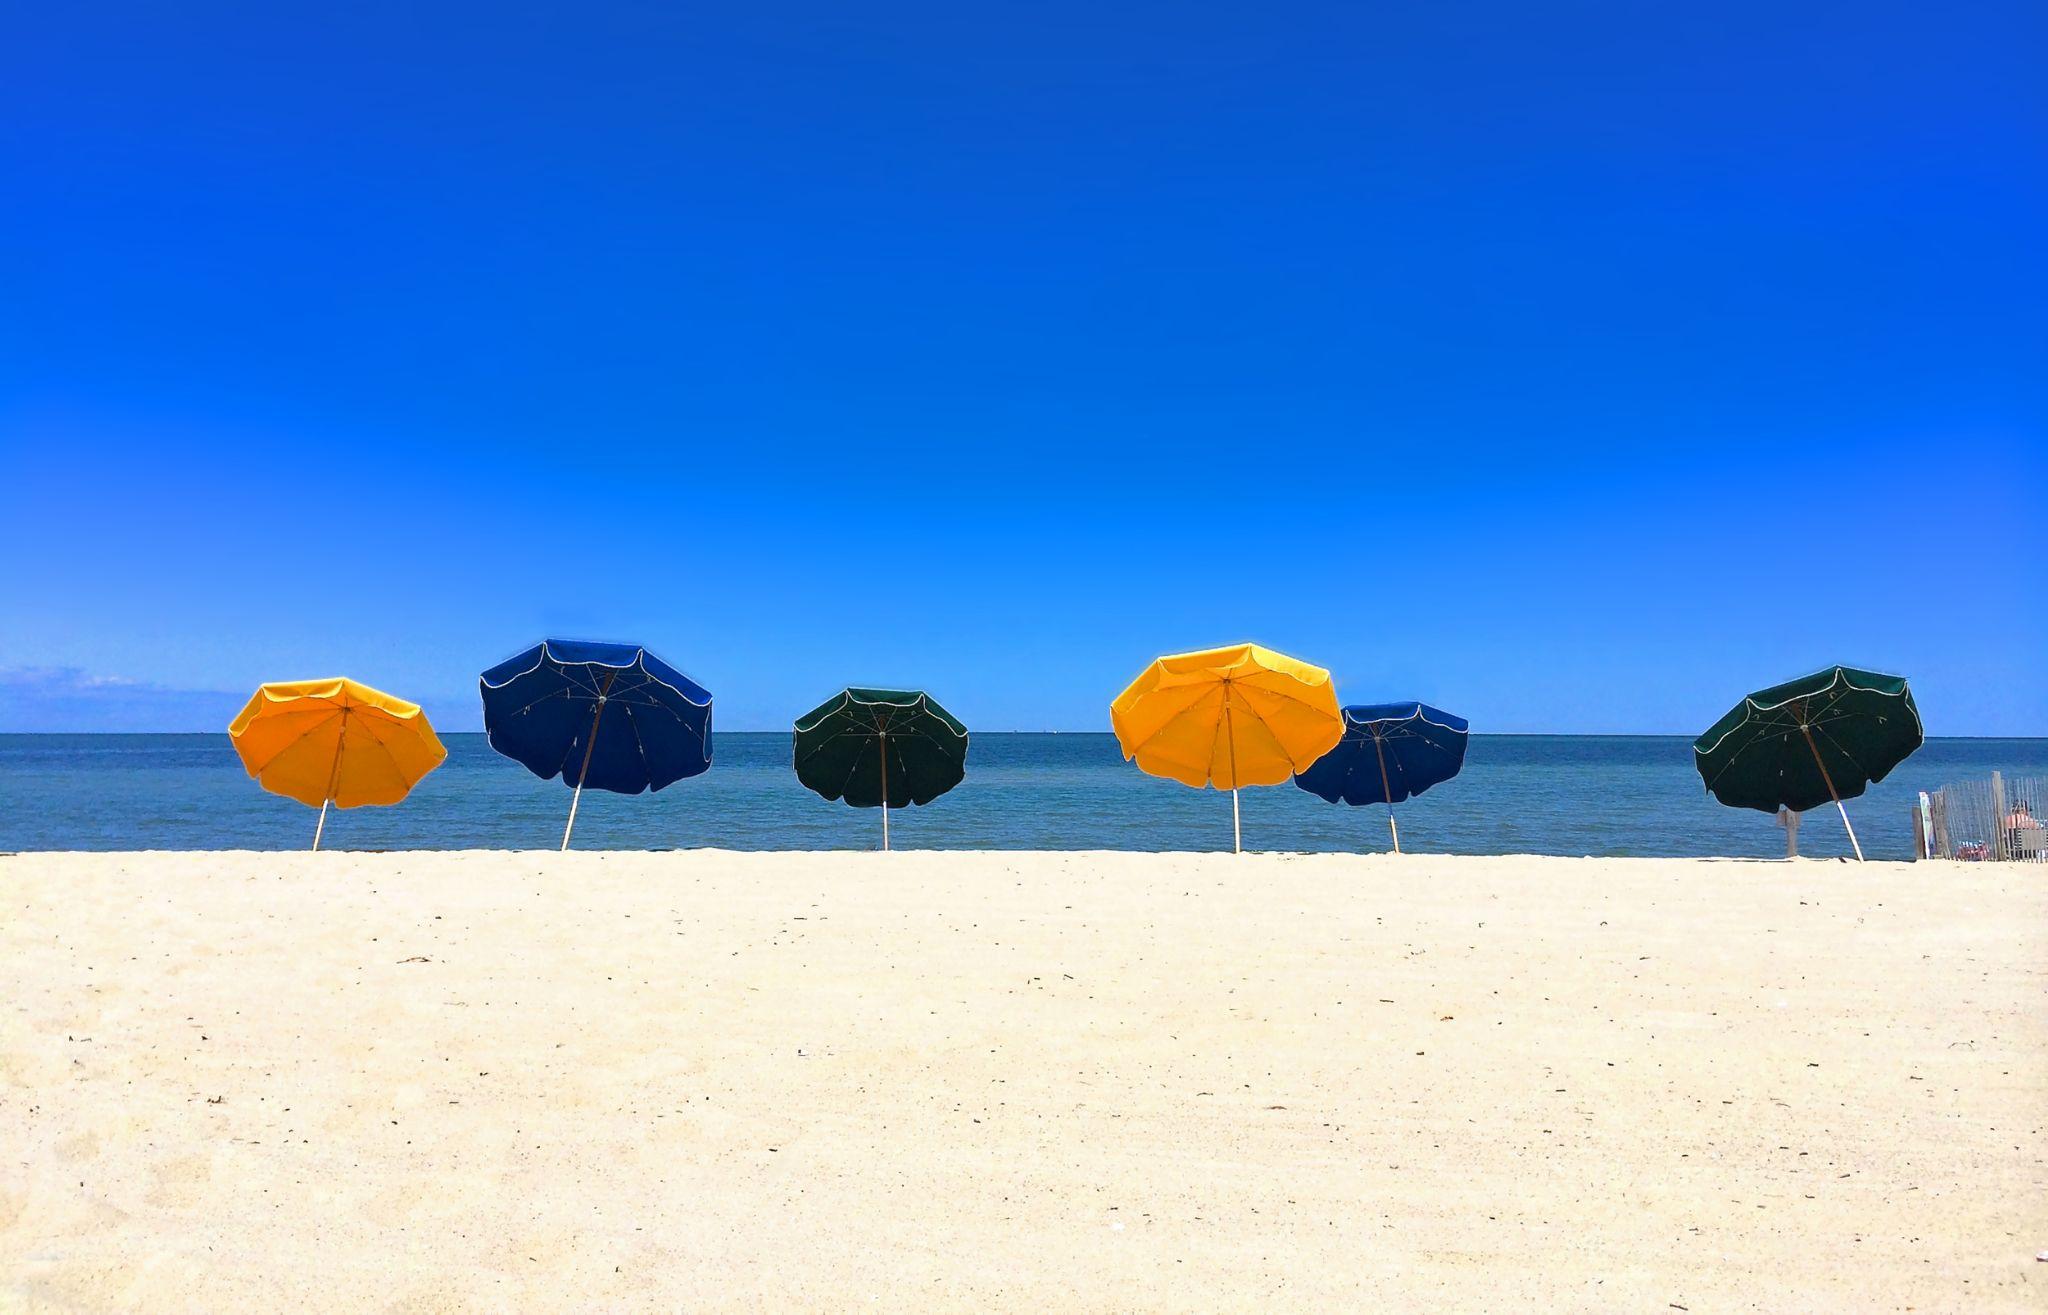 Galley Beach - Nantucket by Christopher Seufert